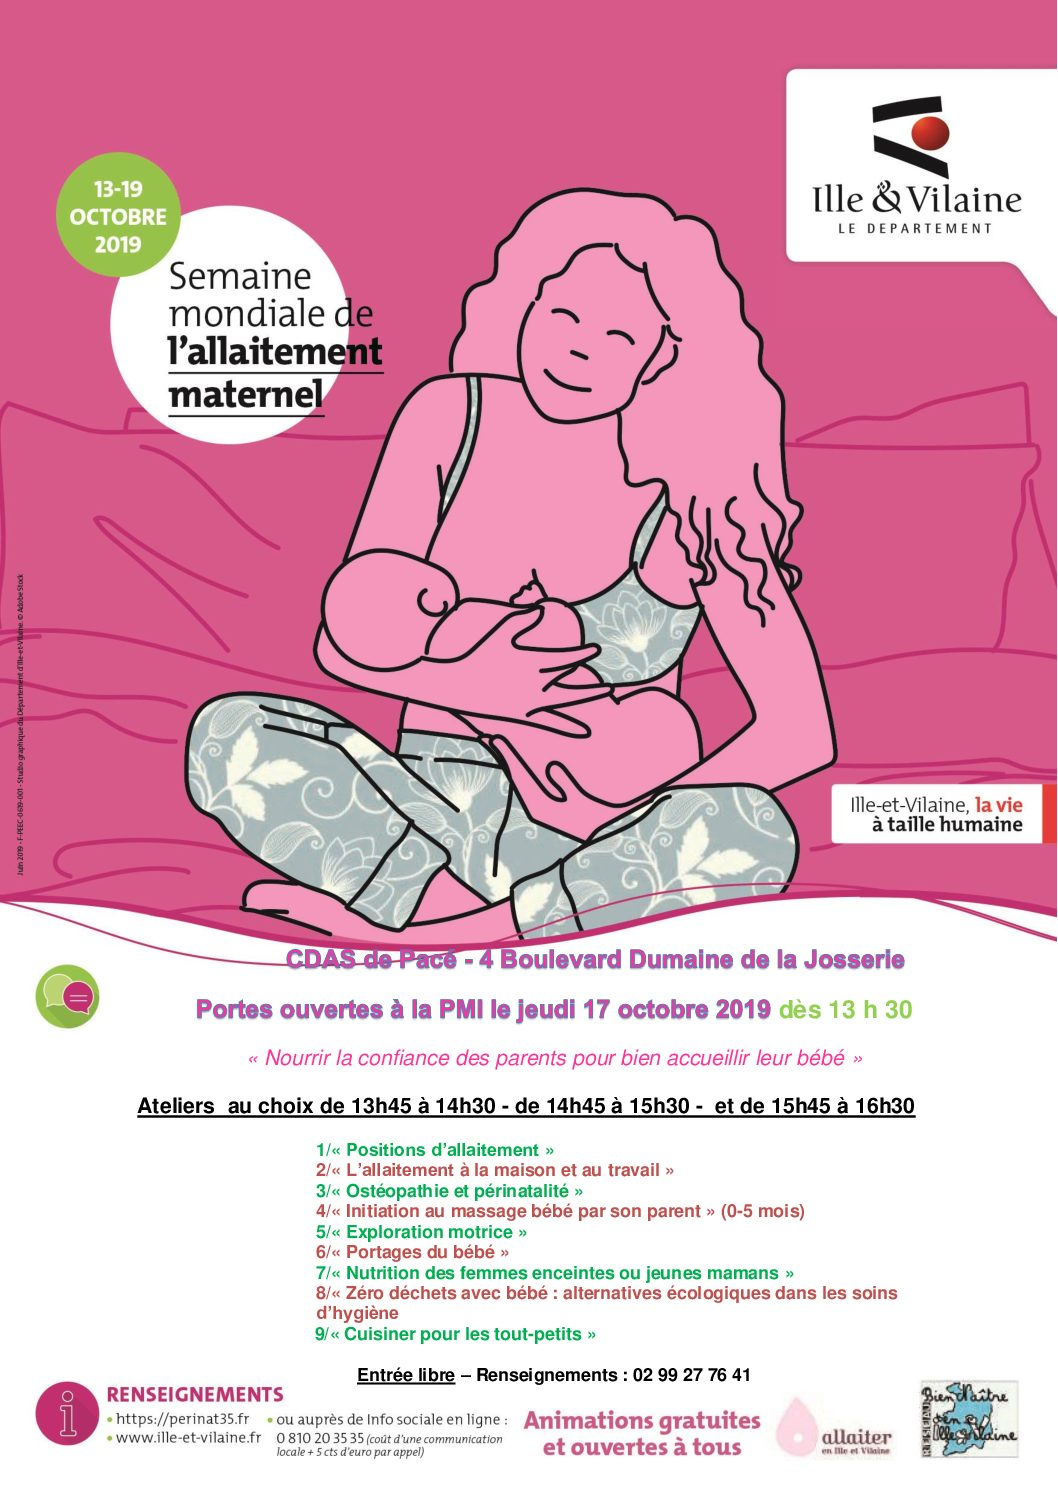 Semaine Mondiale de l'Allaitement Maternel : Rendez-vous le jeudi 17 octobre à la PMI de Pacé pour découvrir l'atelier massage bébé